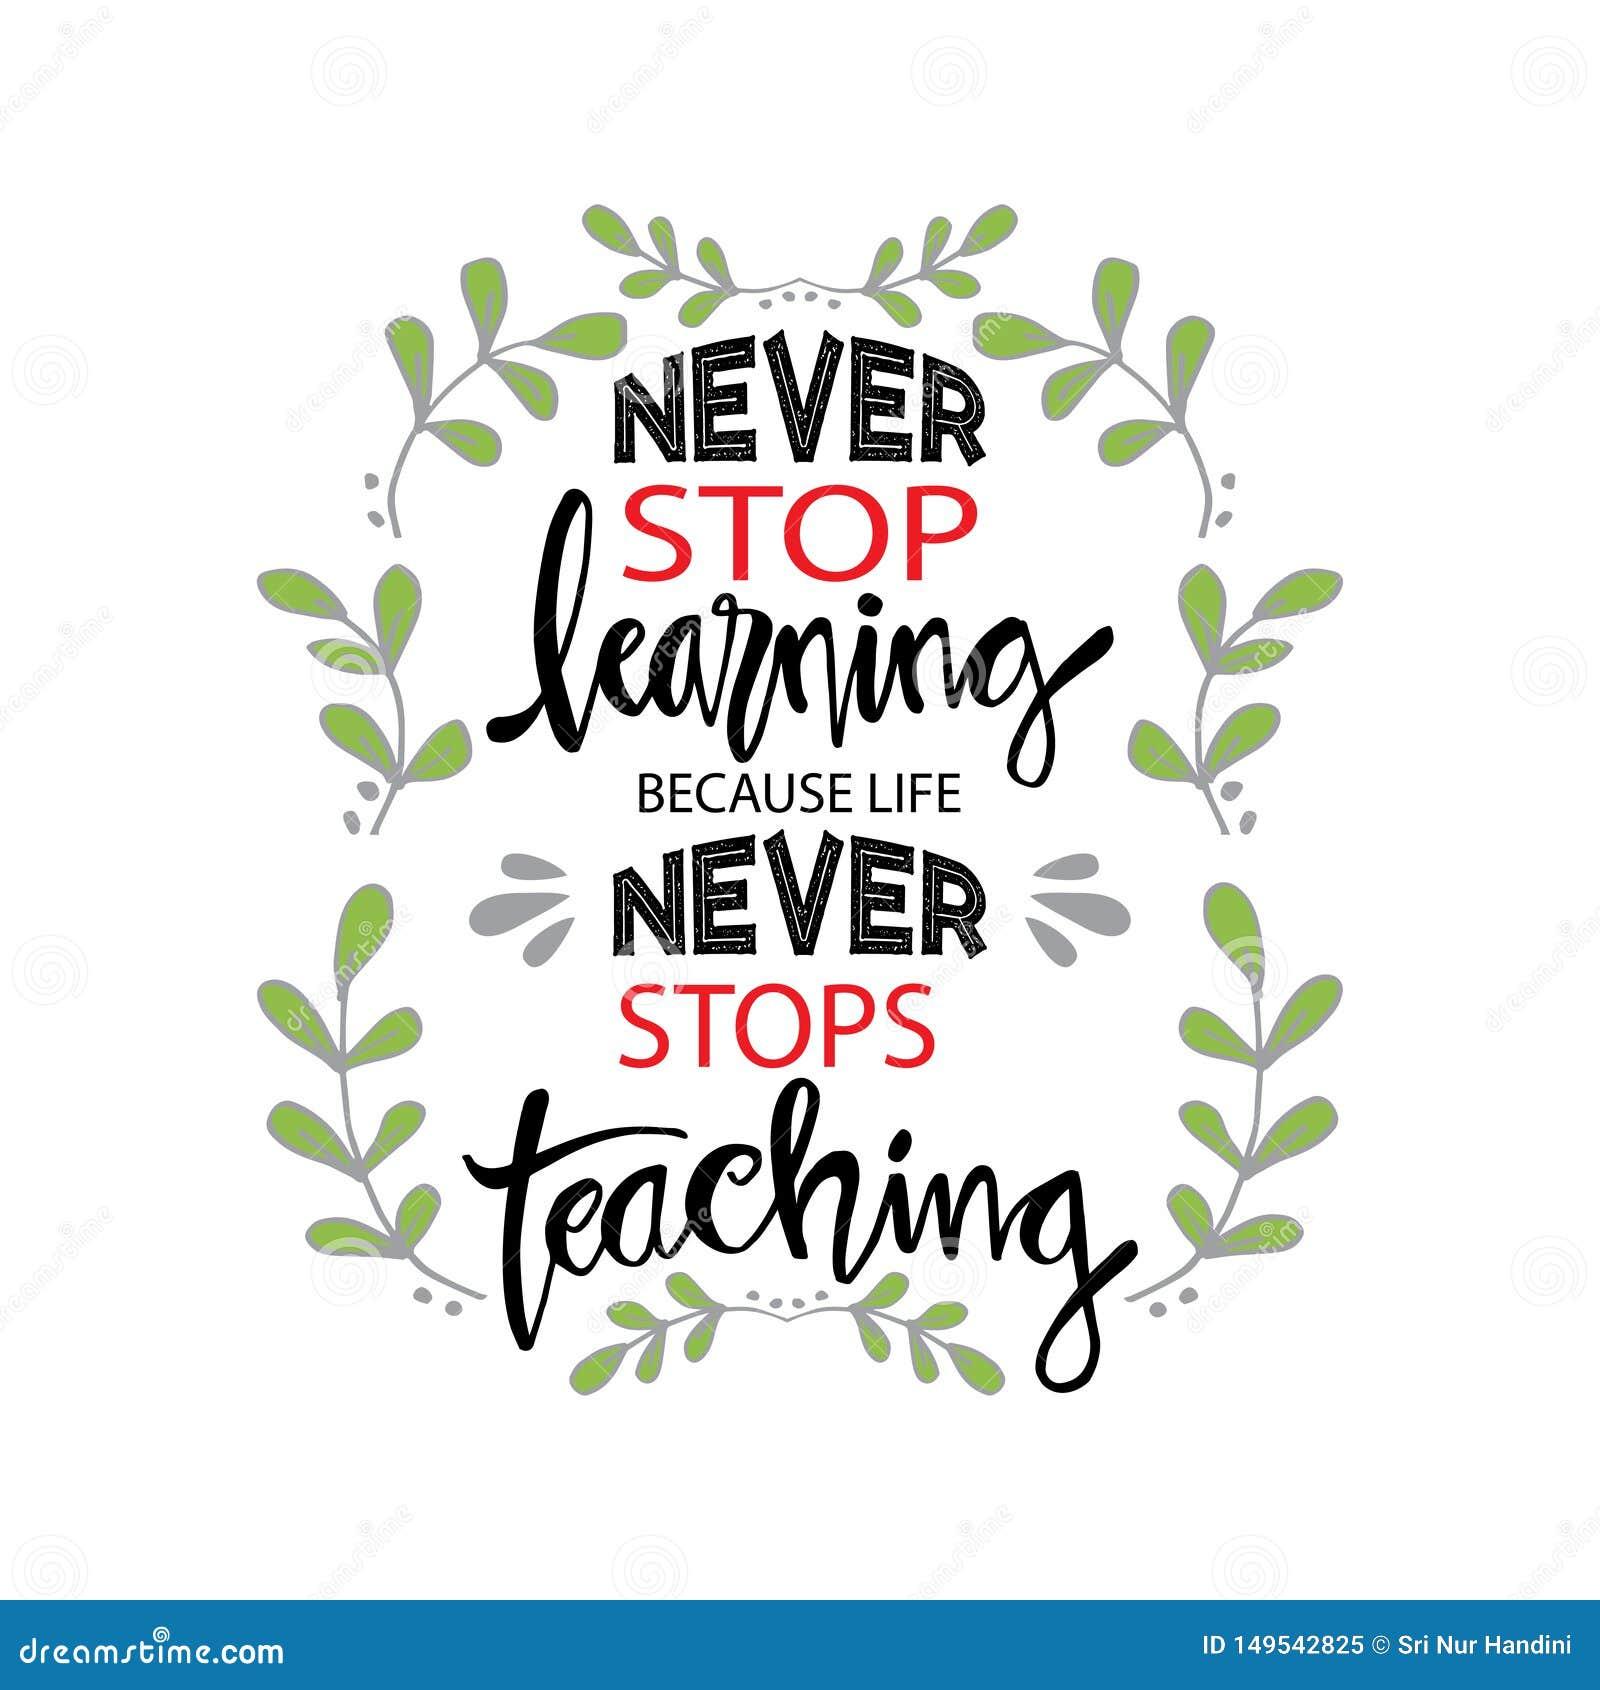 因为生活从未停止教,不要停止学习